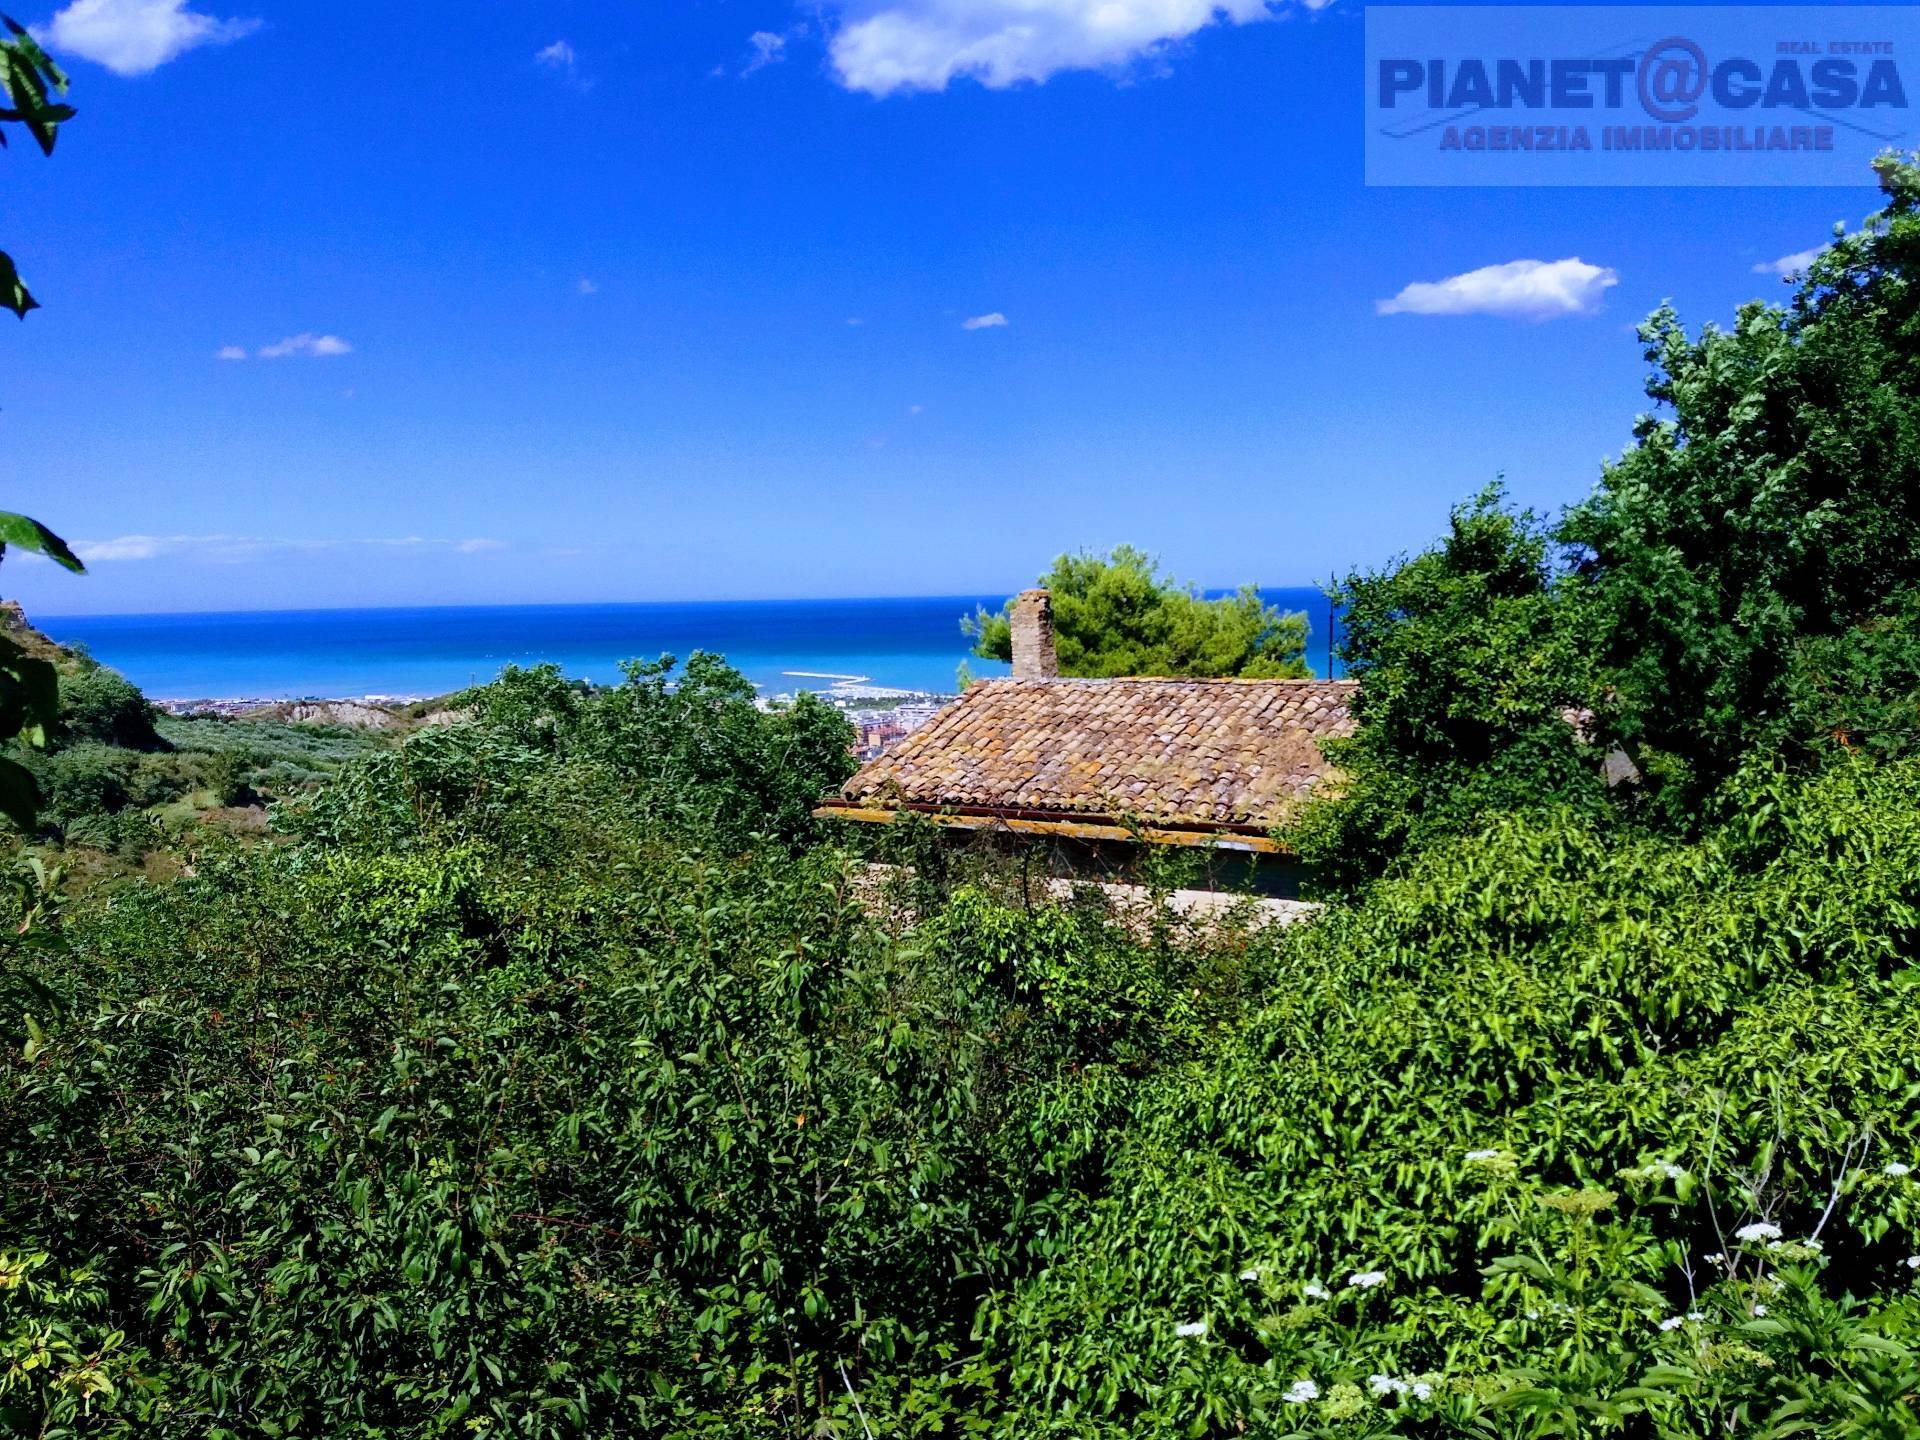 Rustico / Casale in vendita a San Benedetto del Tronto, 8 locali, Trattative riservate | Cambio Casa.it